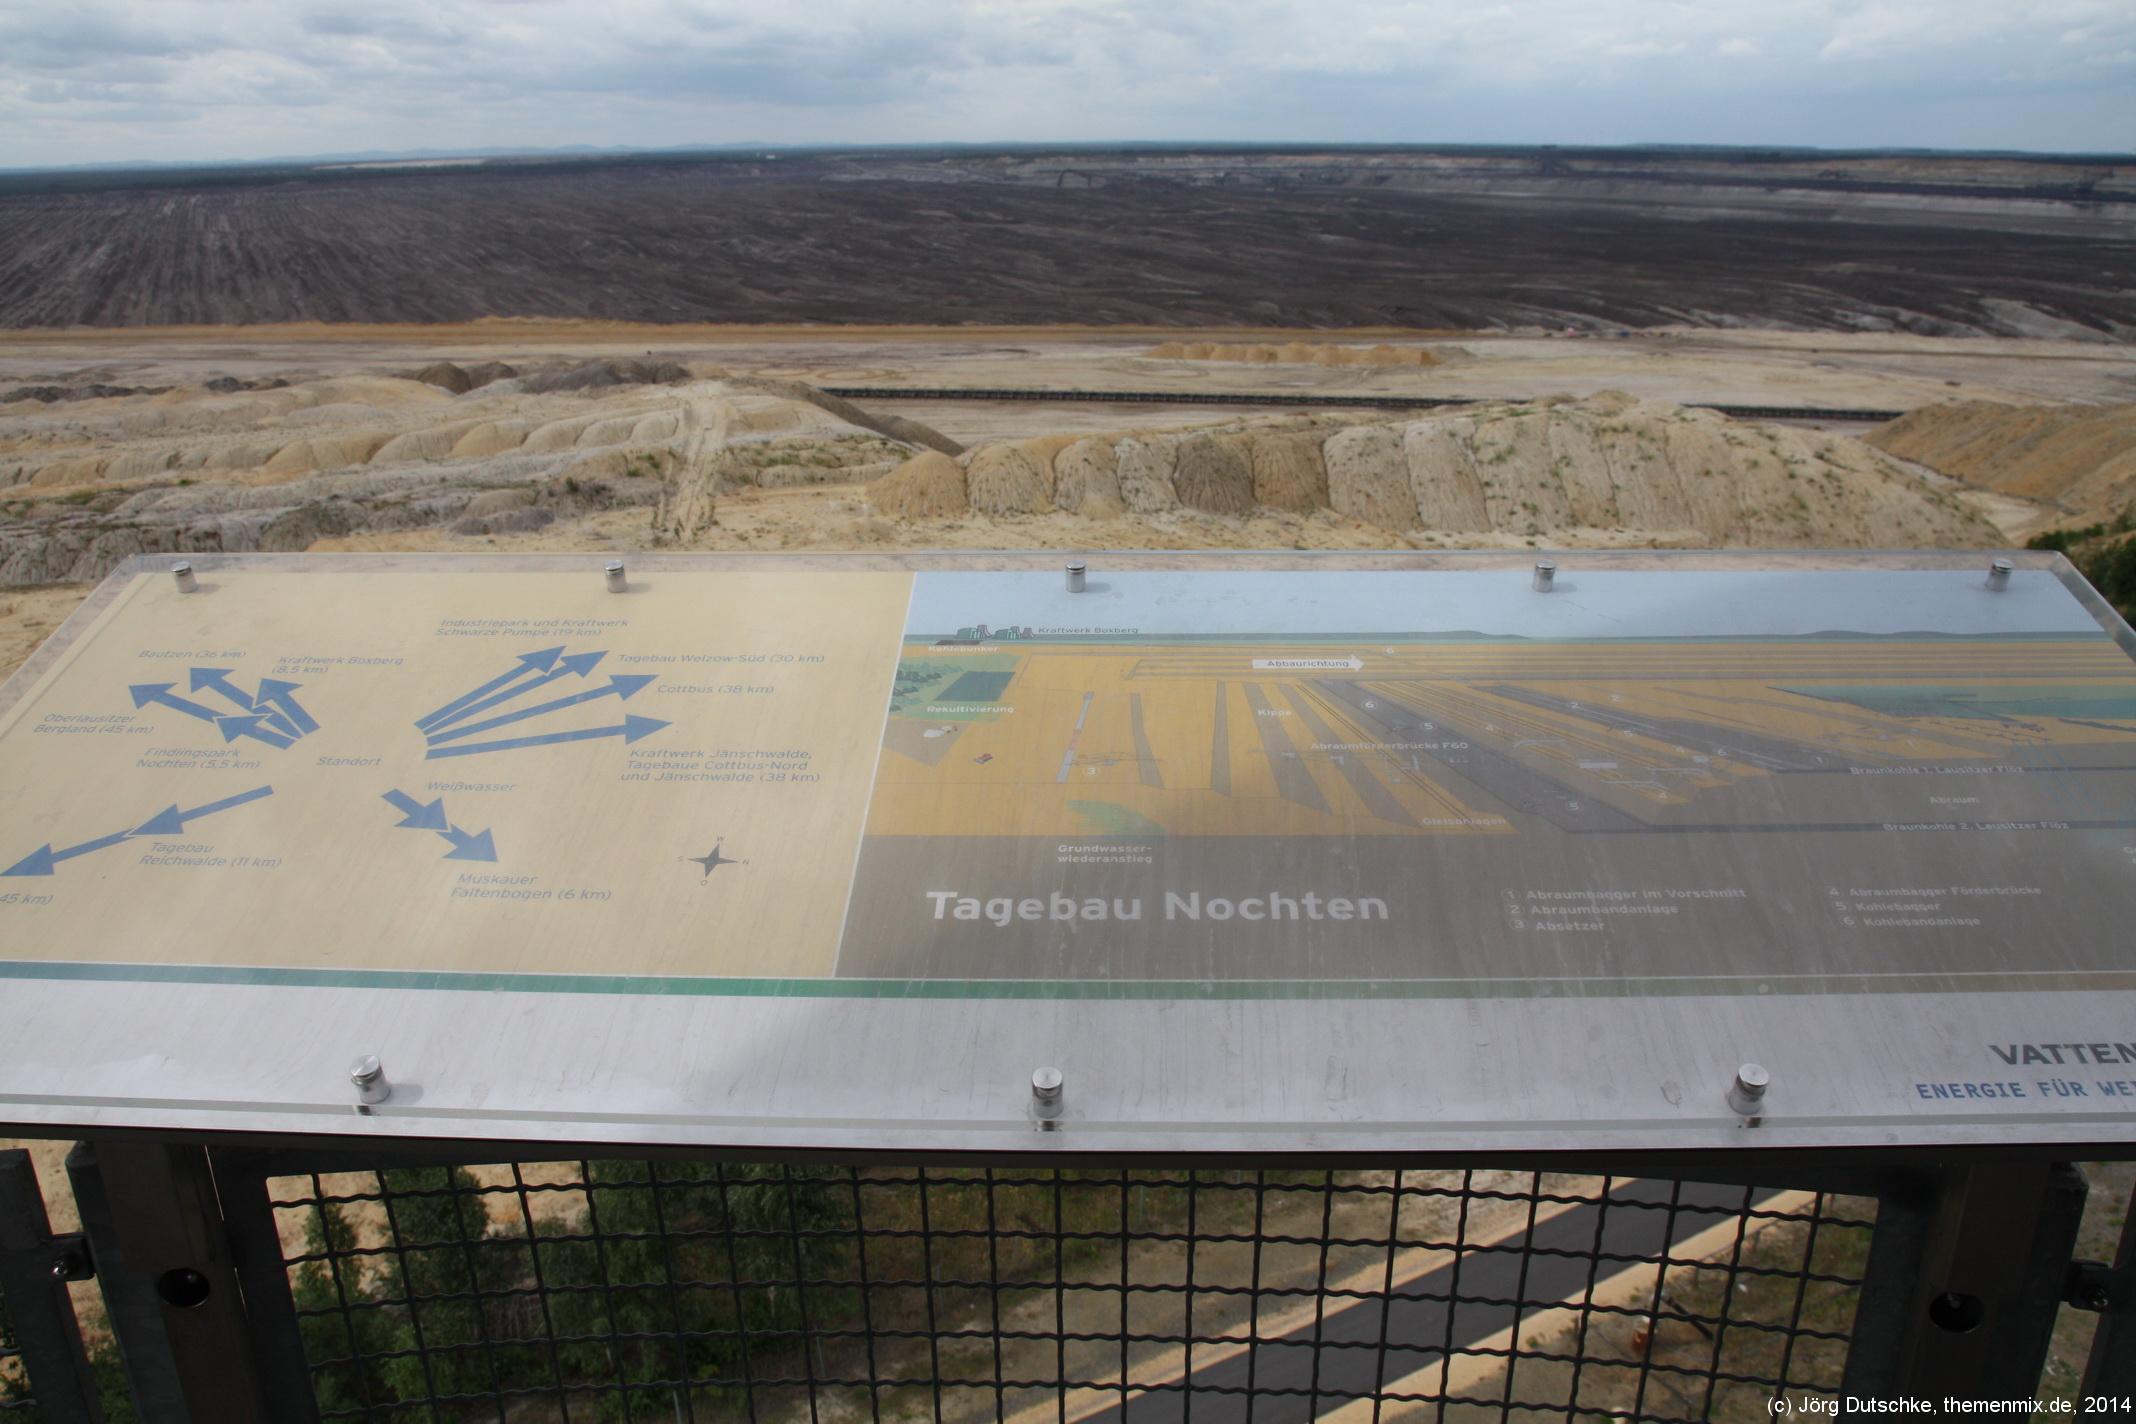 Schautafel zum Tagebau Nochten mit Hinweisen zum Tagebau und zu sichtbaren Anhaltspunkten